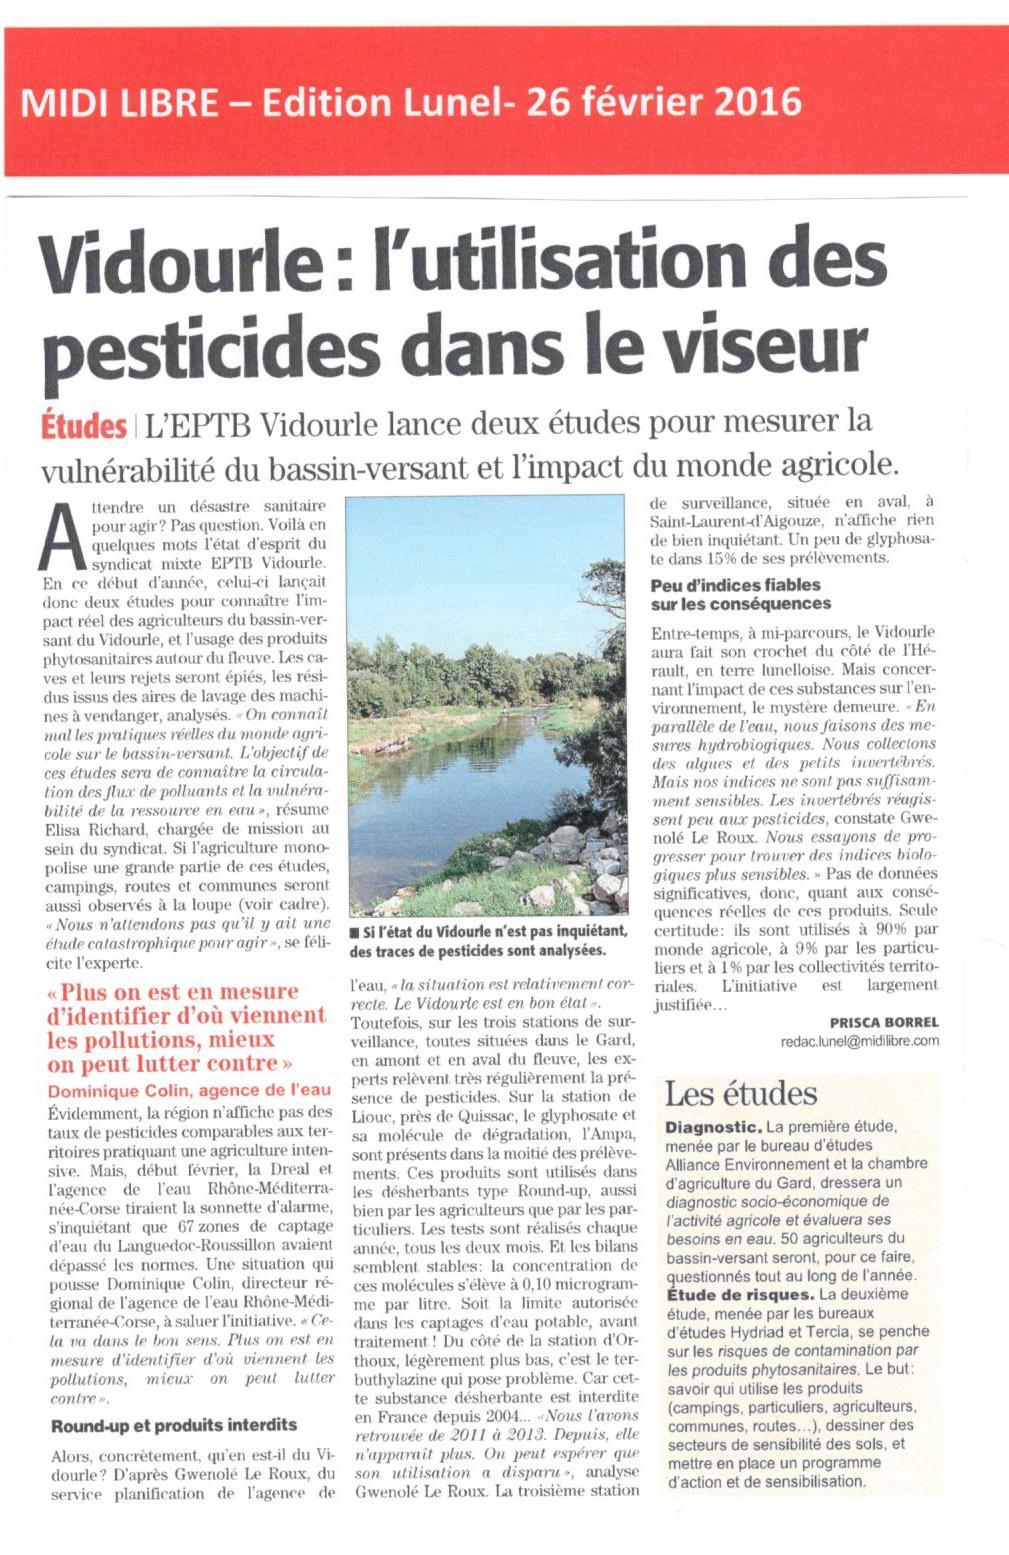 Vidourle poursuit sa lutte contre l'utilisation des pesticides